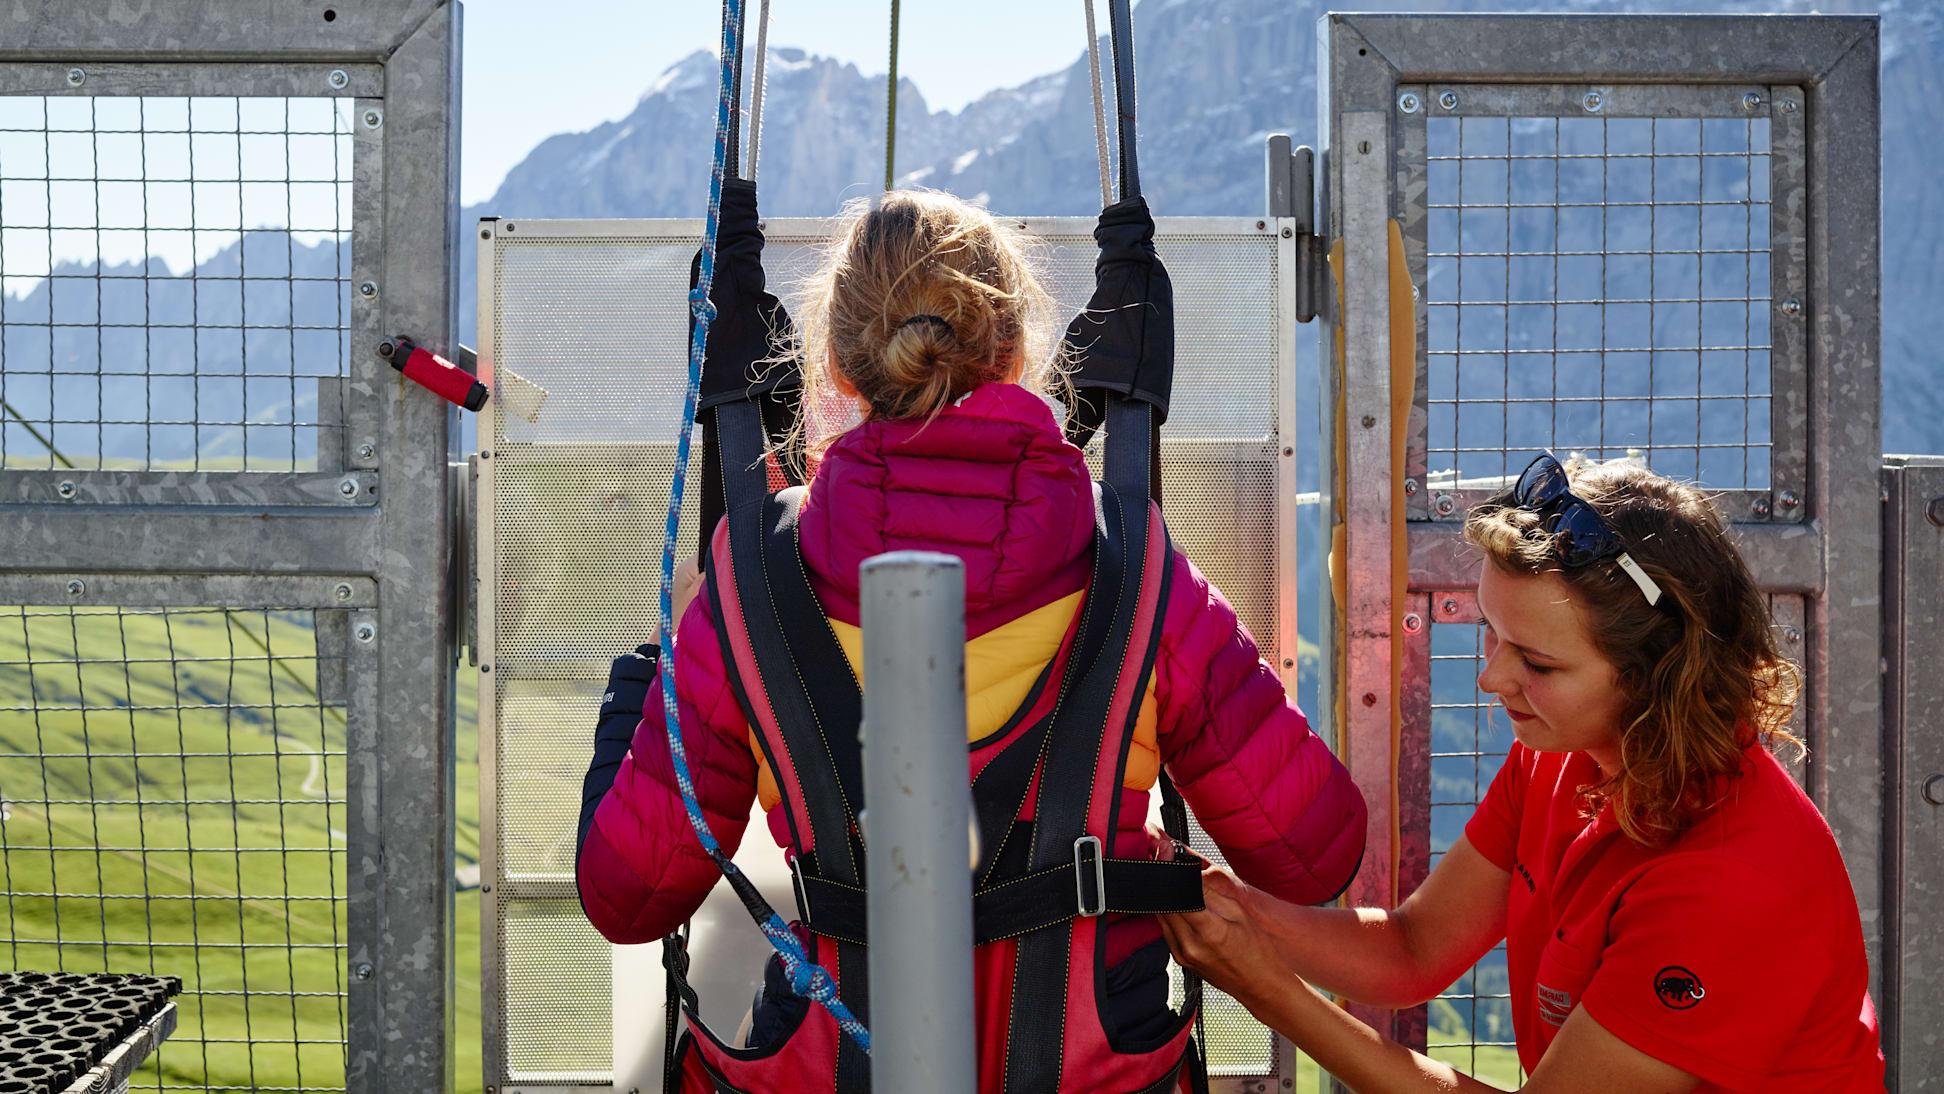 First Flieger Adventure Sommer Grindelwald Start